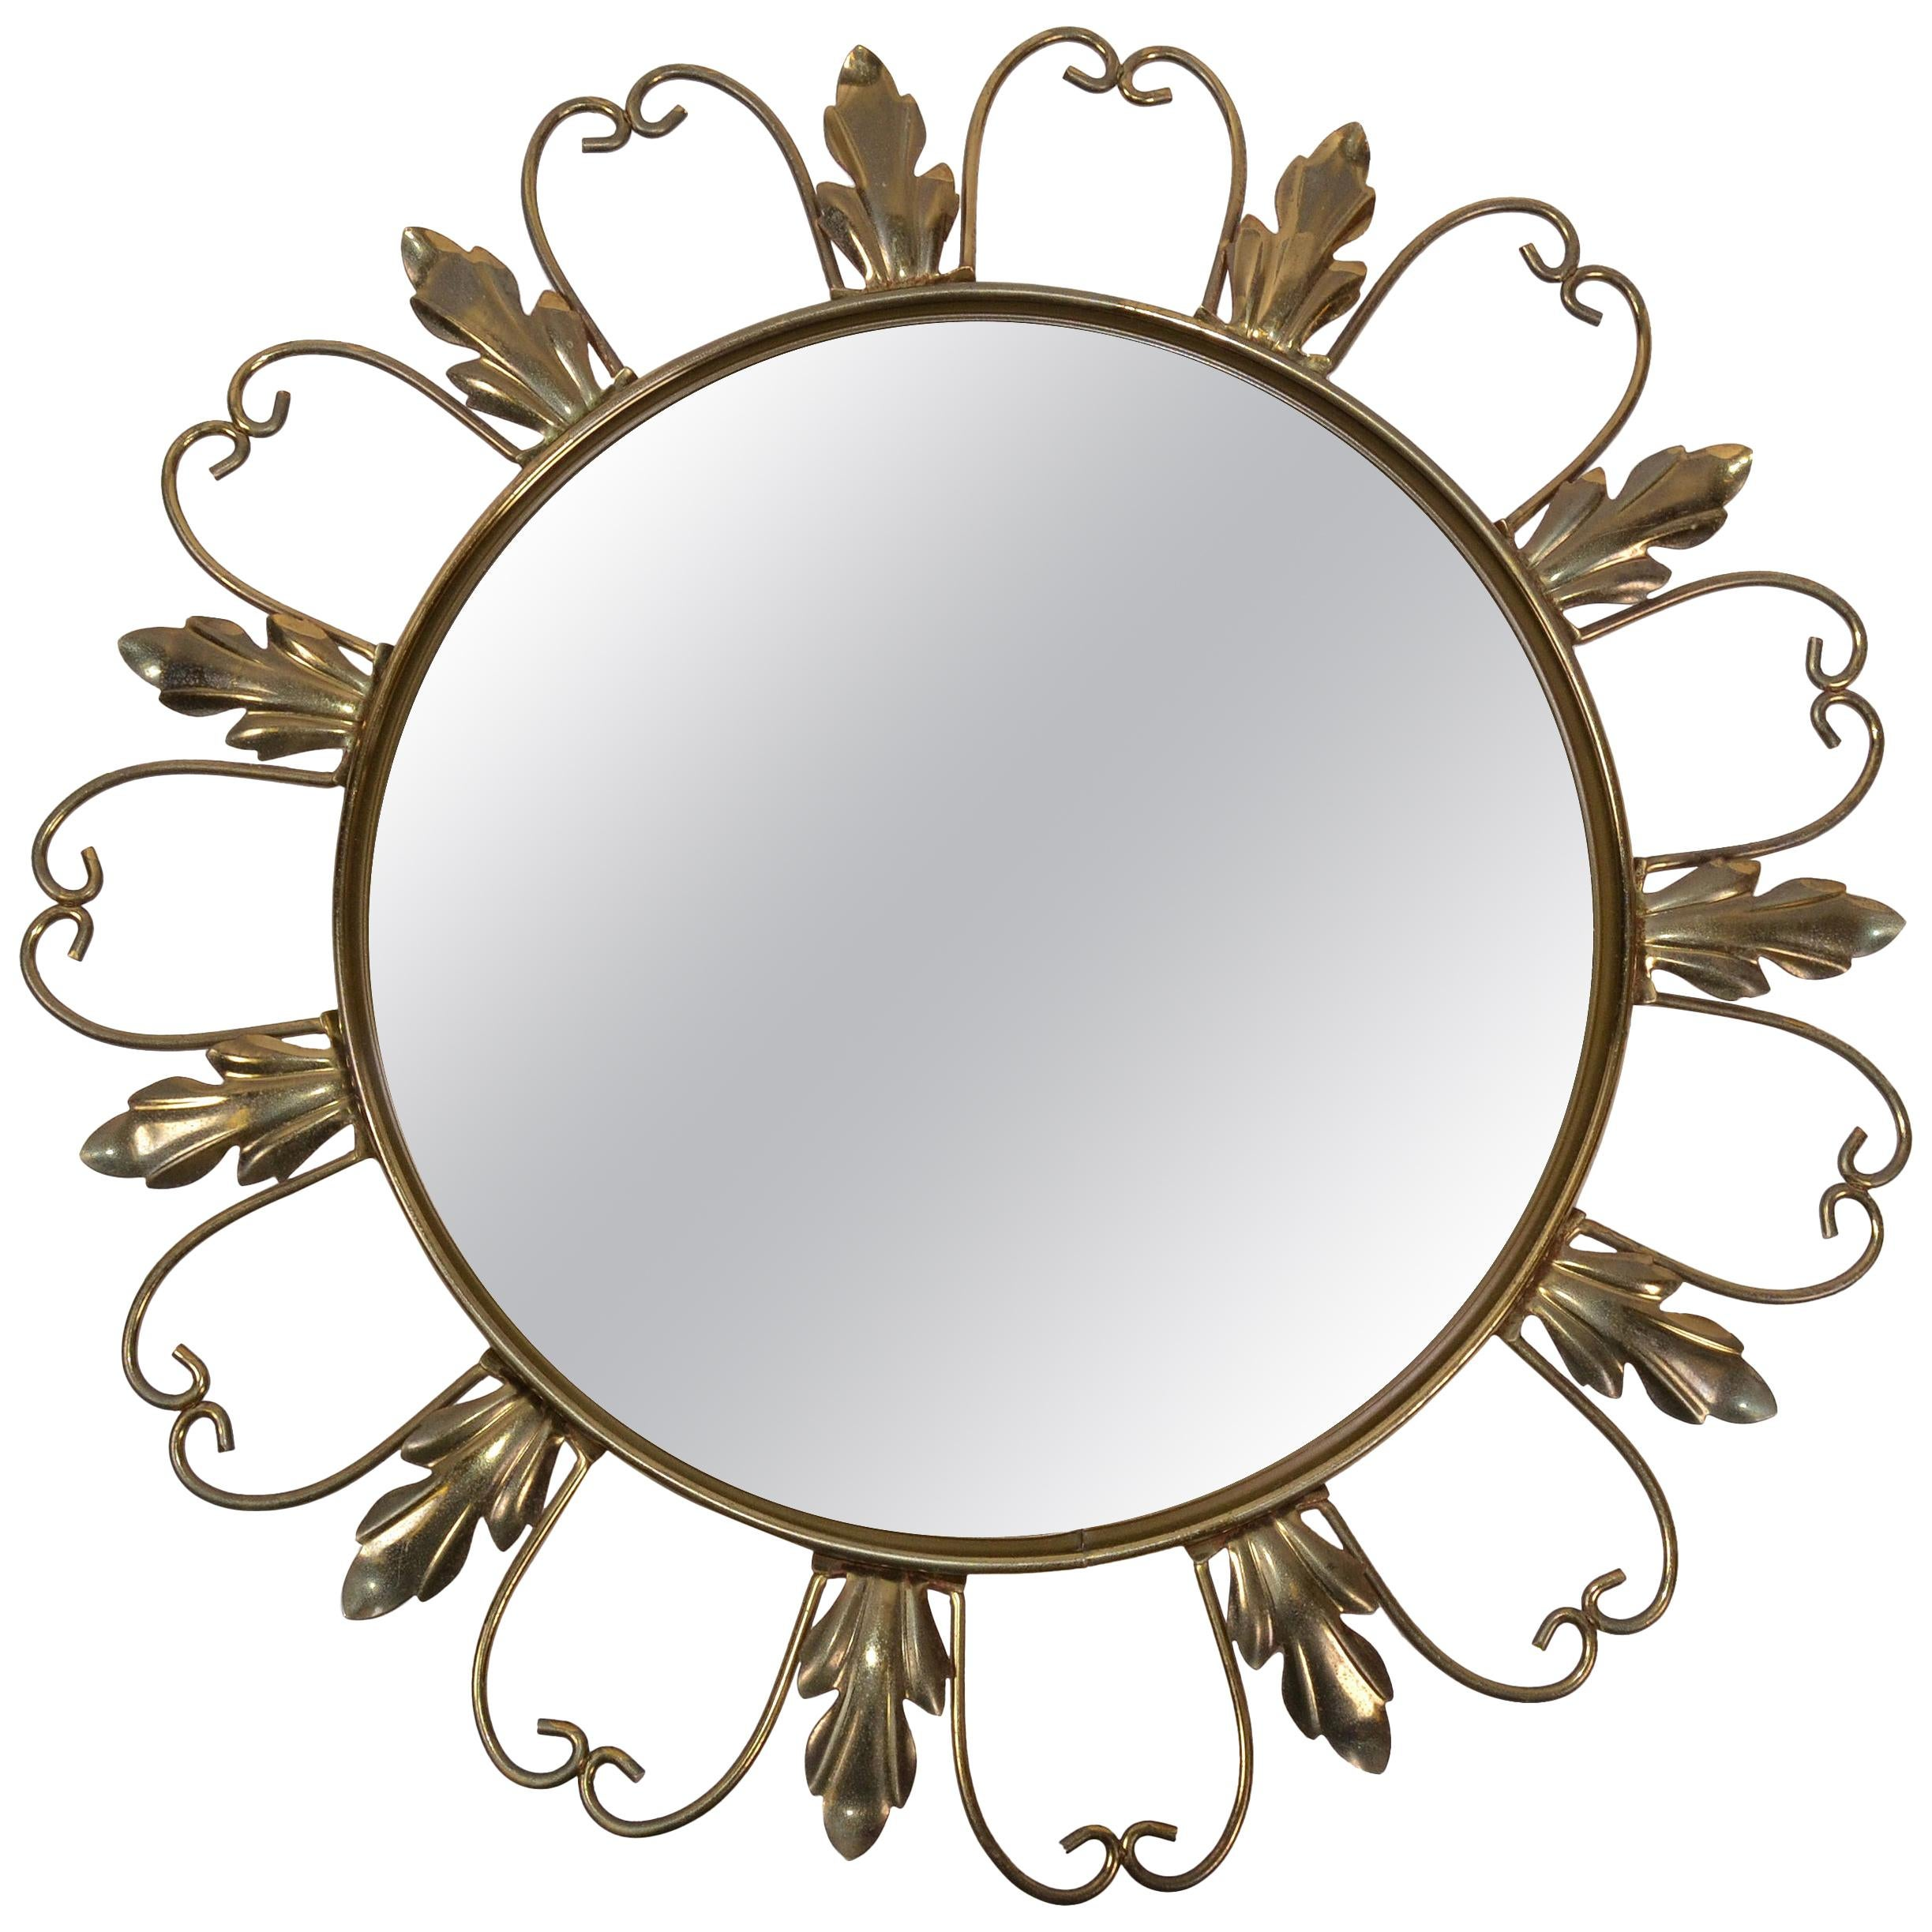 Neoclassical Signed 1950s Brass Sunburst Mirrors, Convex Mirror Made in Belgium